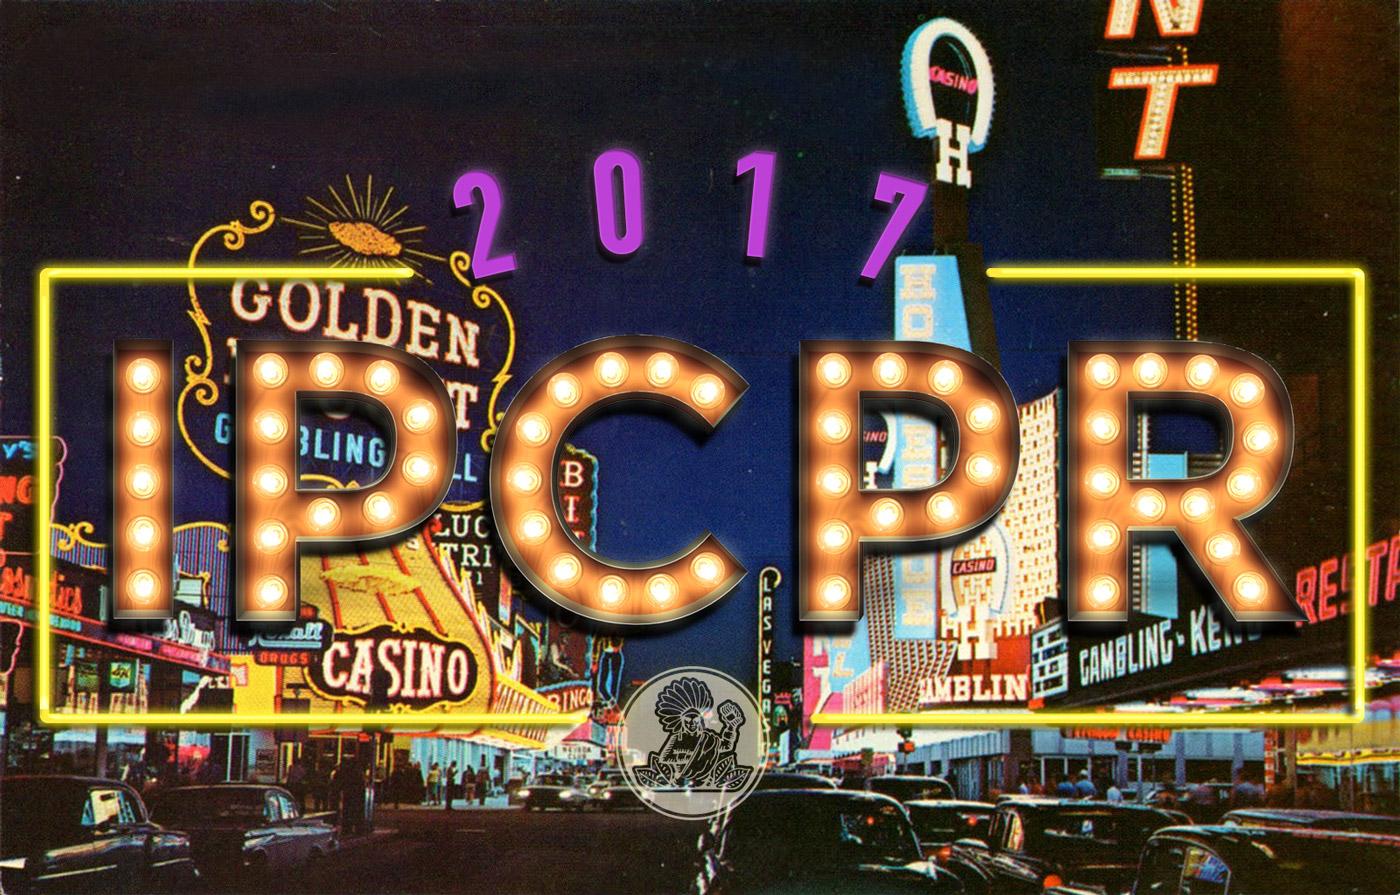 IPCPR 2017